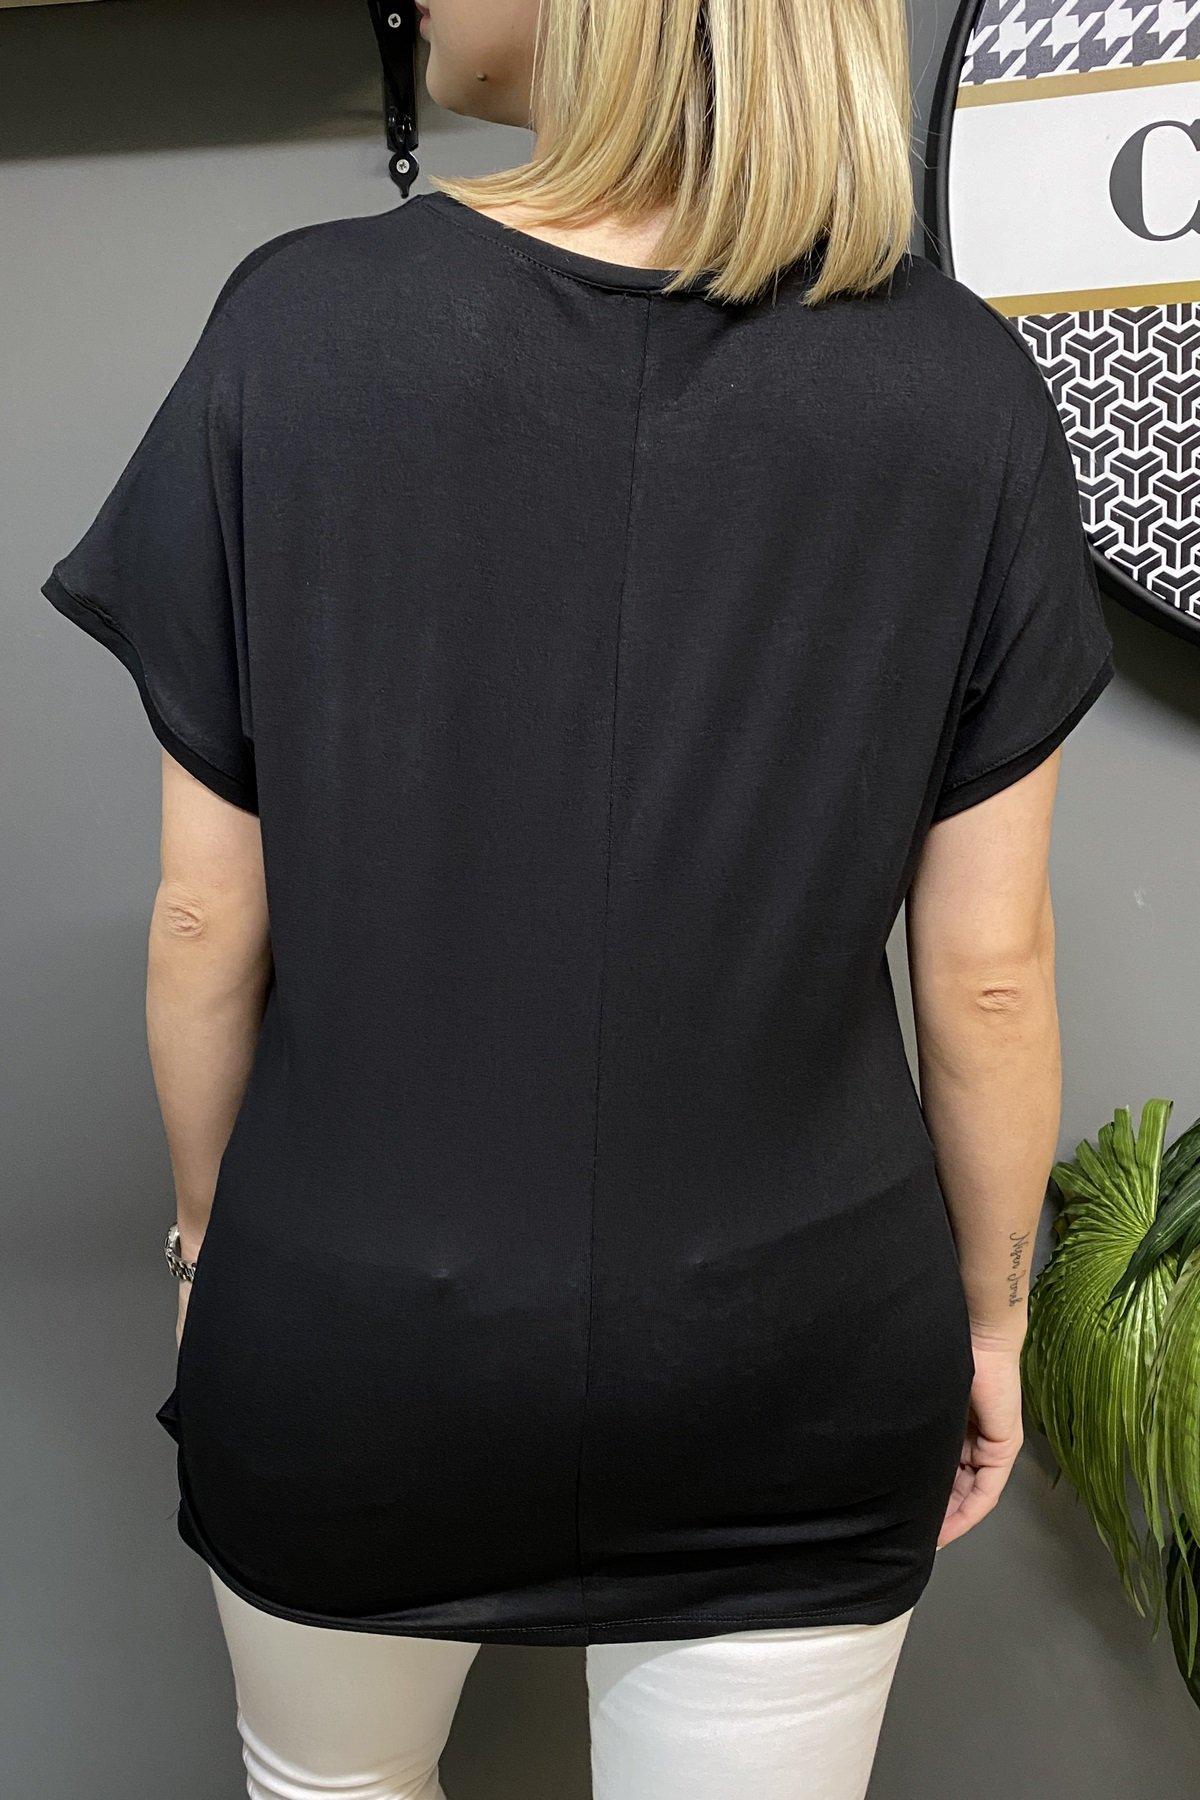 Göğüs Üstü Şerit Tül Ve Taş Detaylı Düşük Kol Bluz